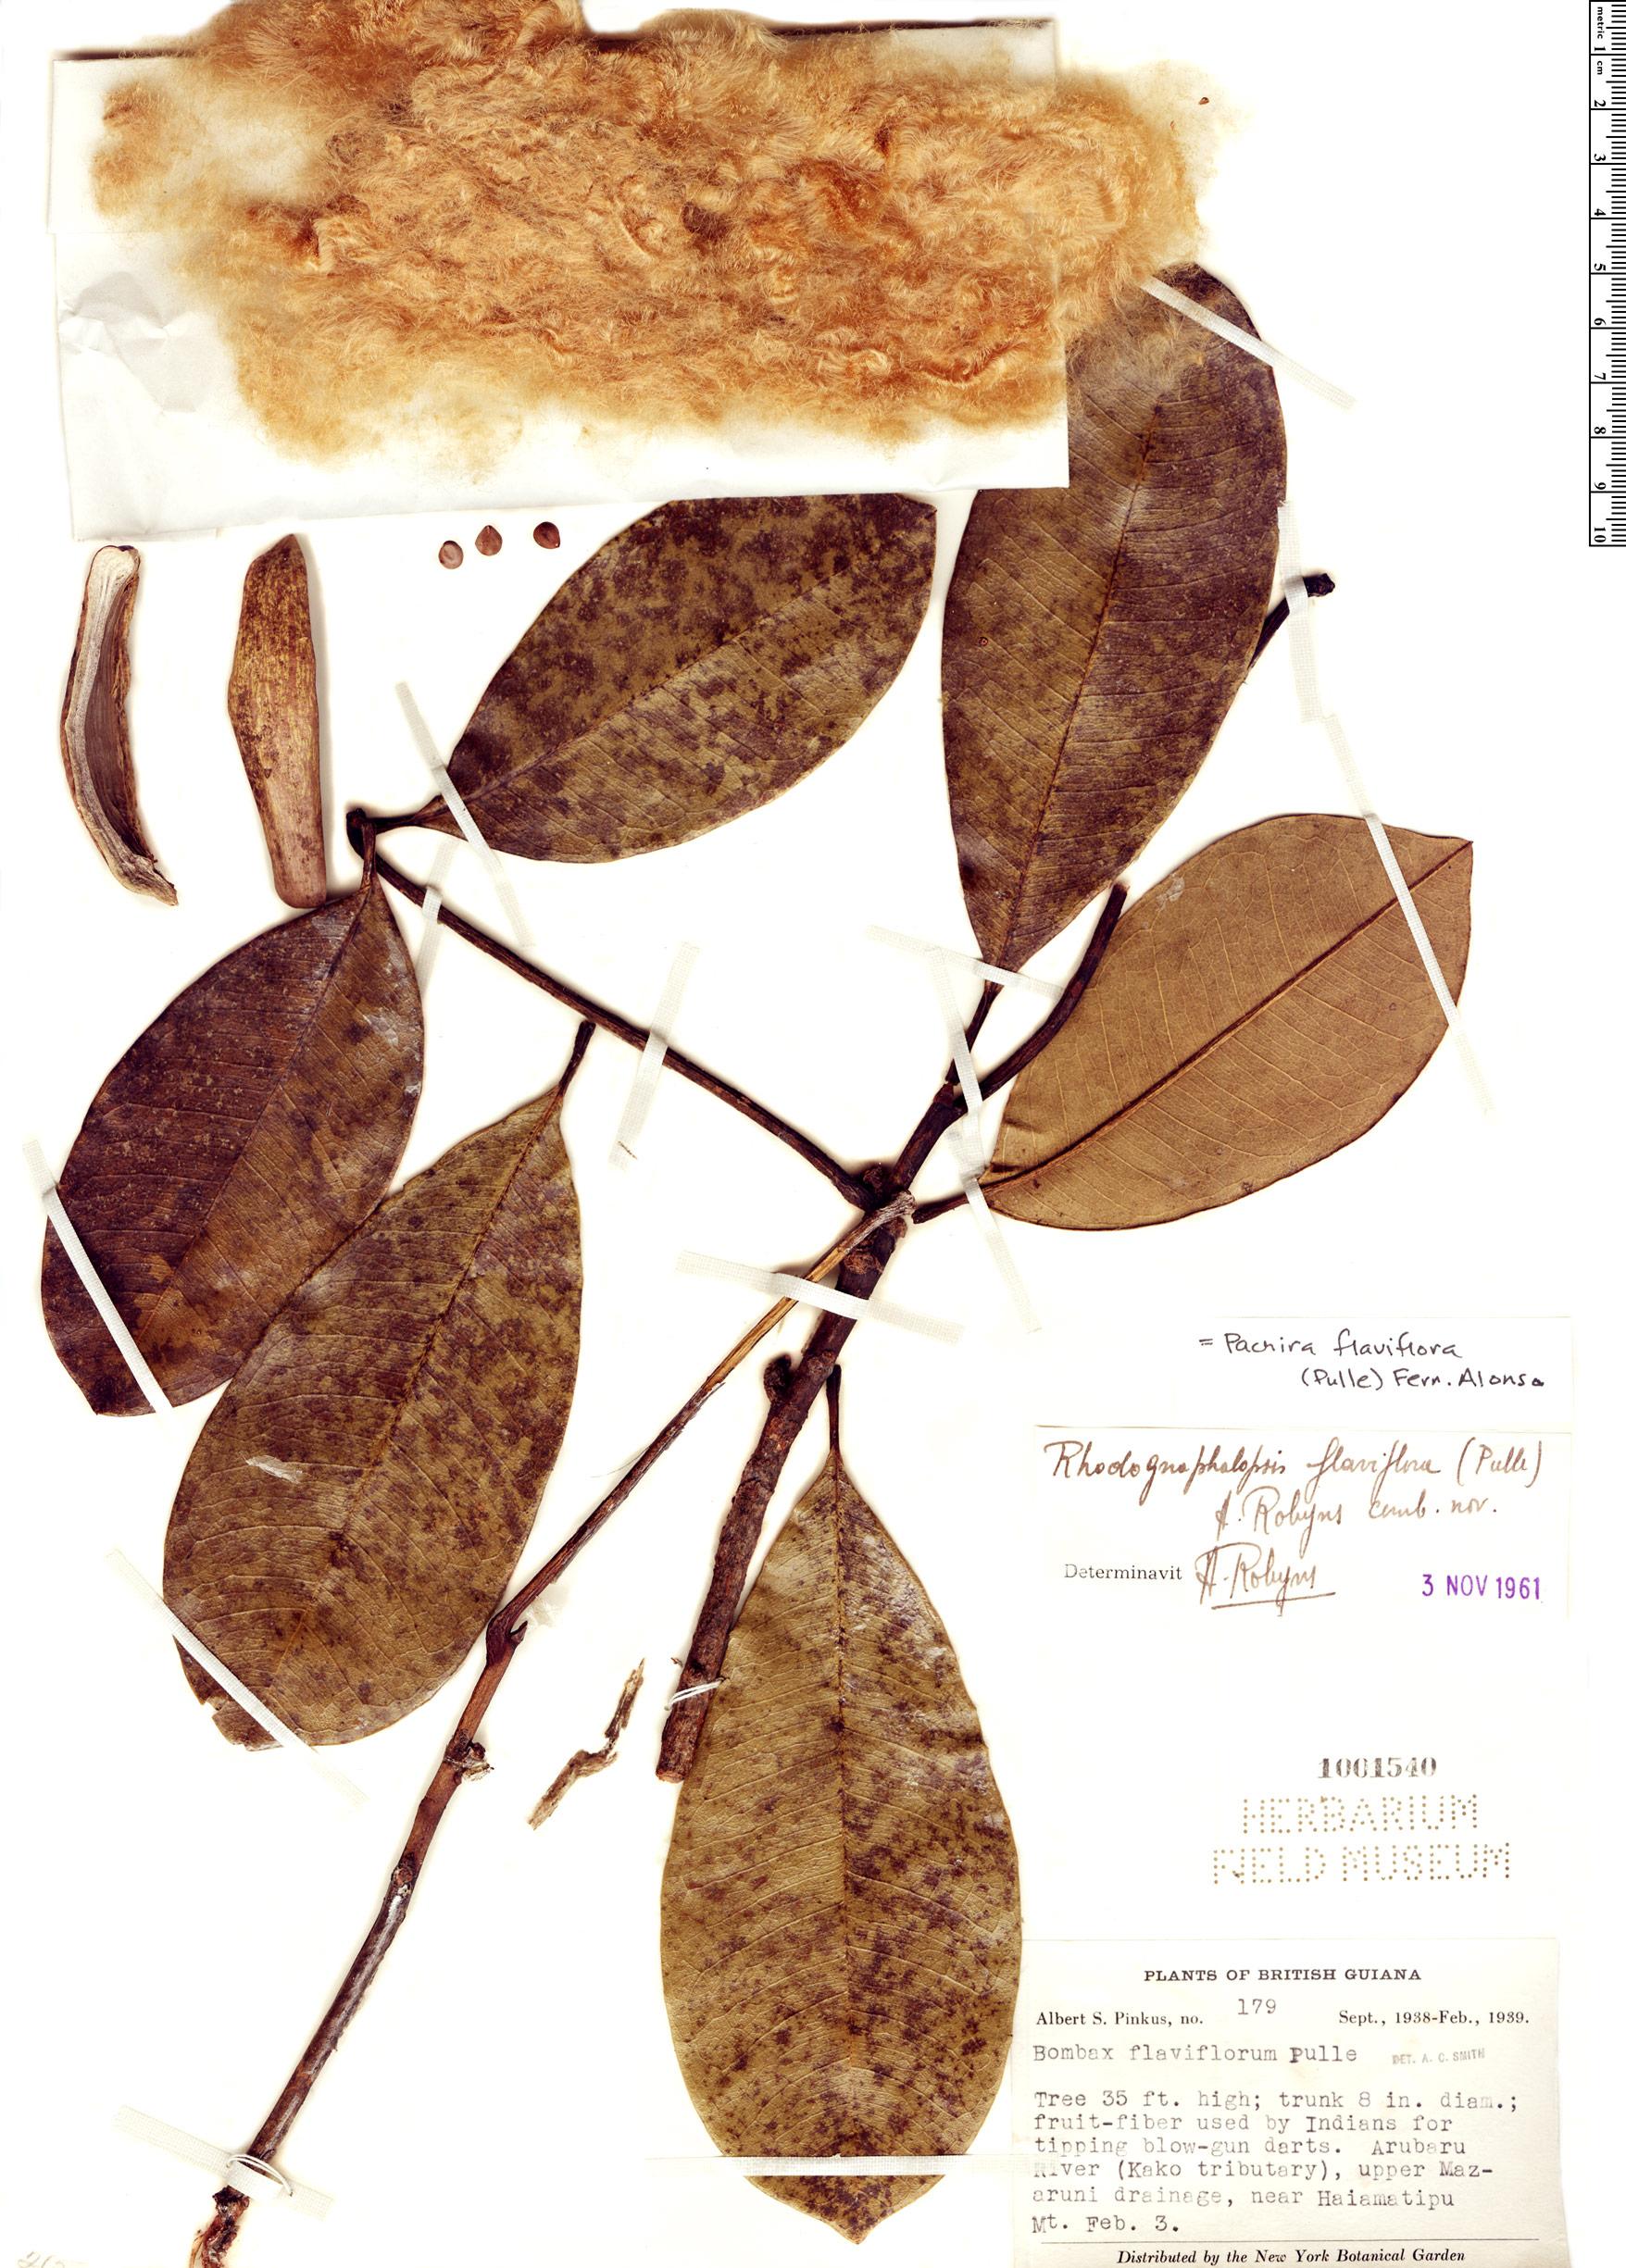 Specimen: Pachira flaviflora